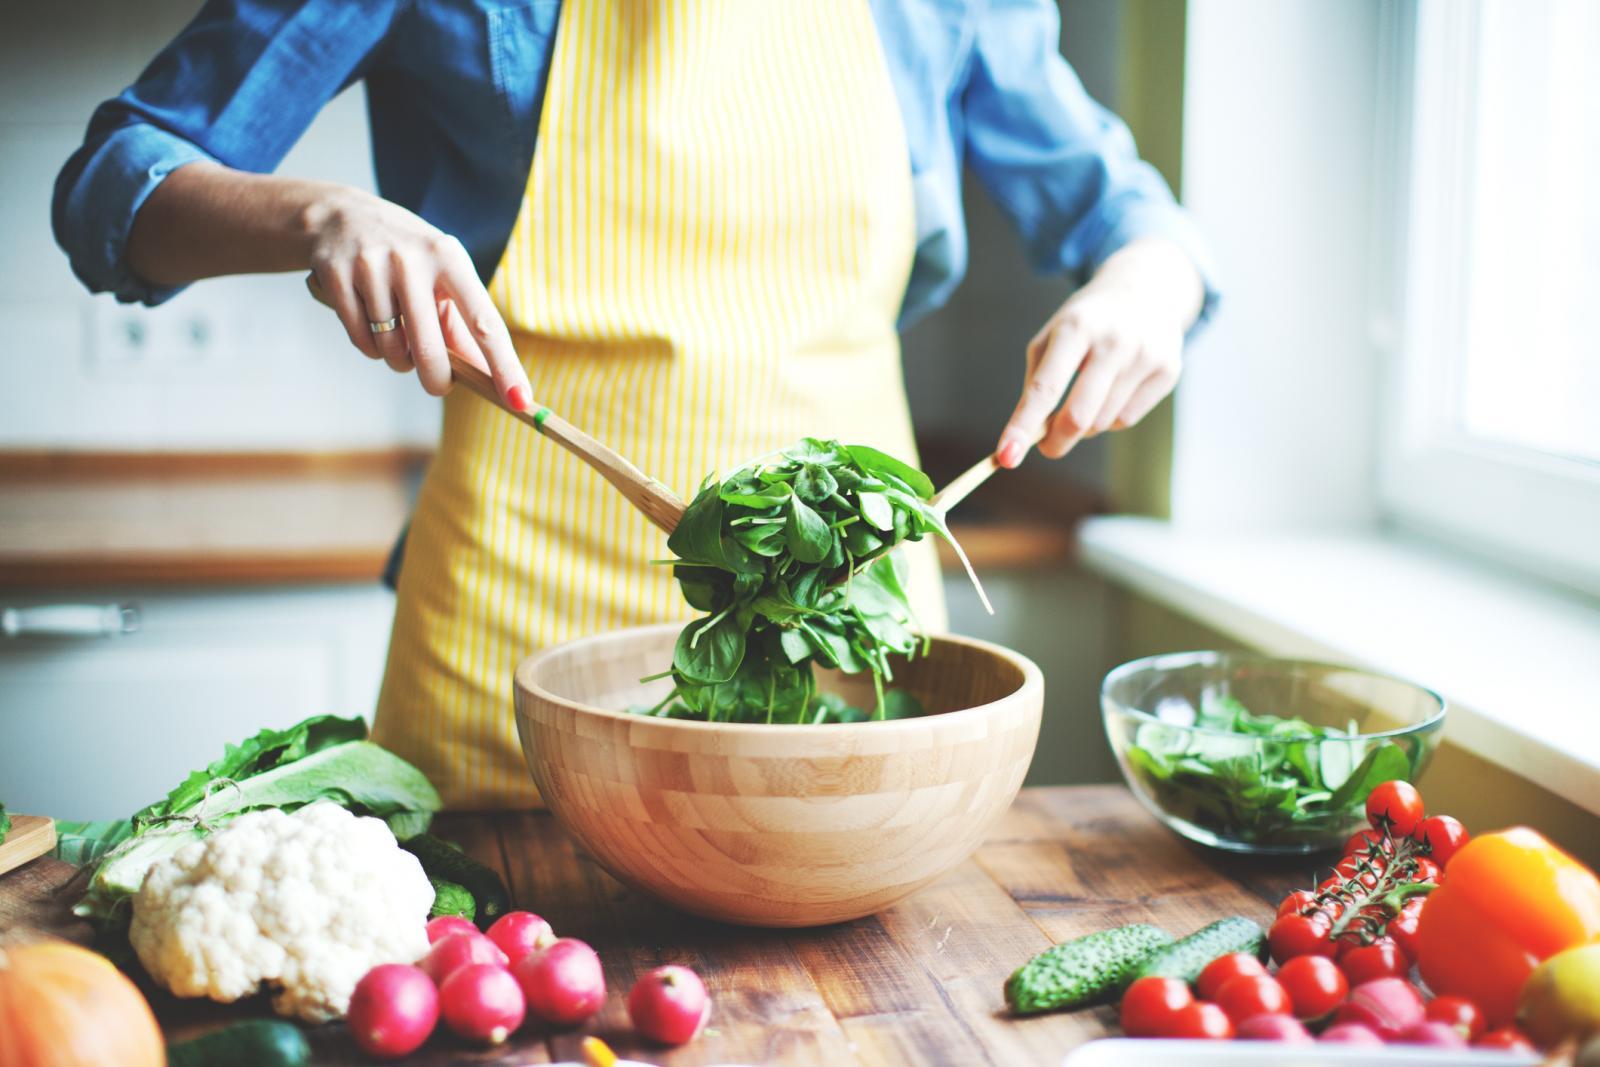 Jednako kao što pazimo što ne bismo nikako trebali jesti, treba voditi računa i o tome što bismo trebali češće jesti...